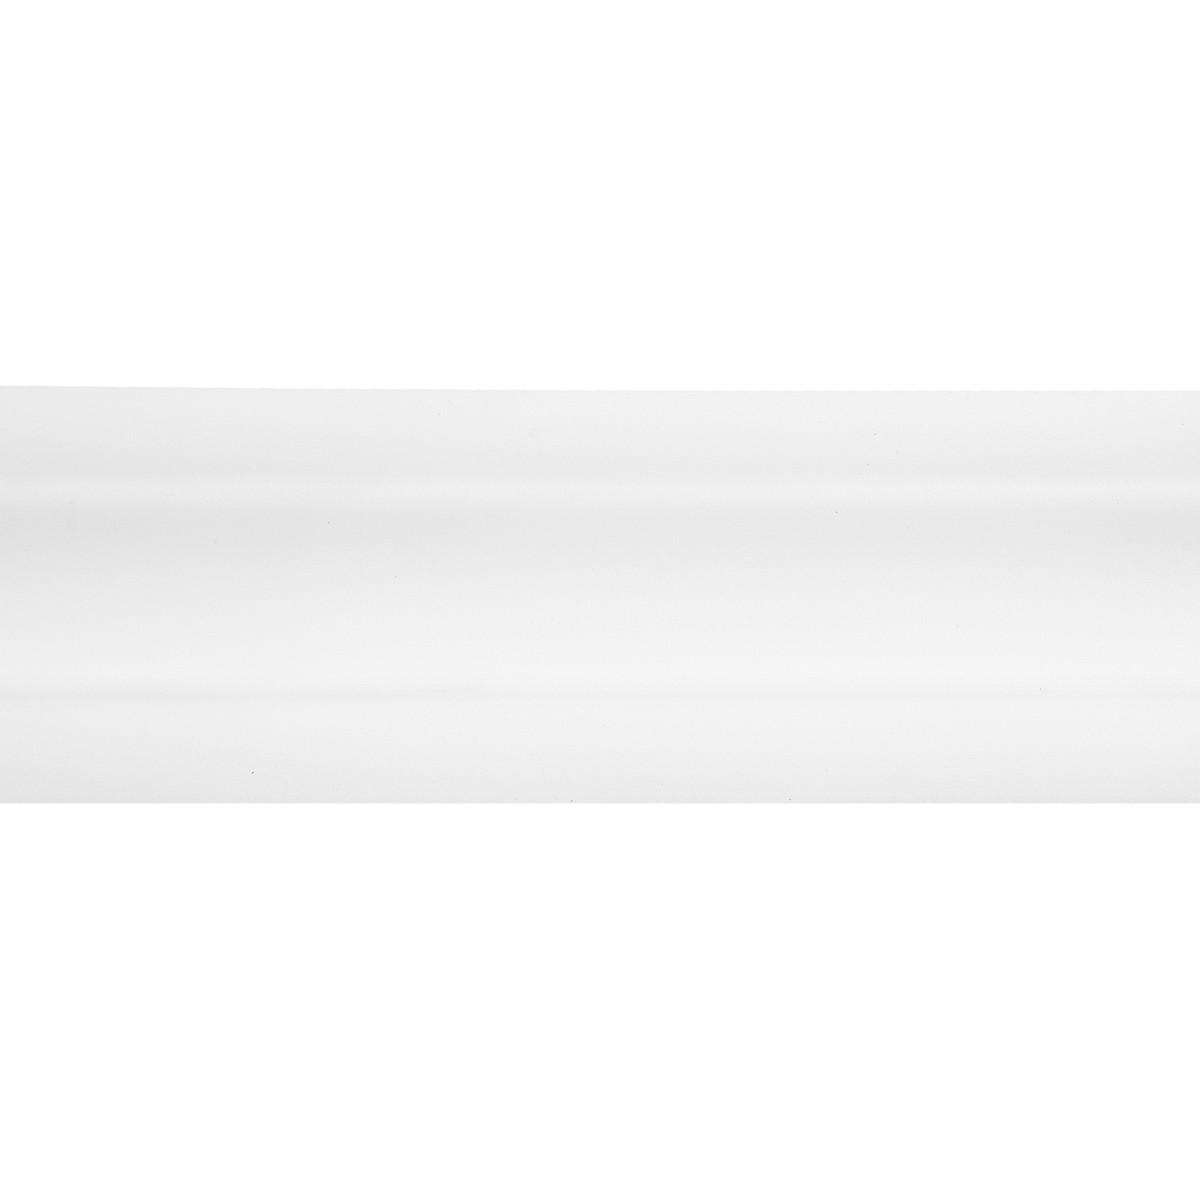 Плинтус потолочный LX-23 200х4 см цвет белый